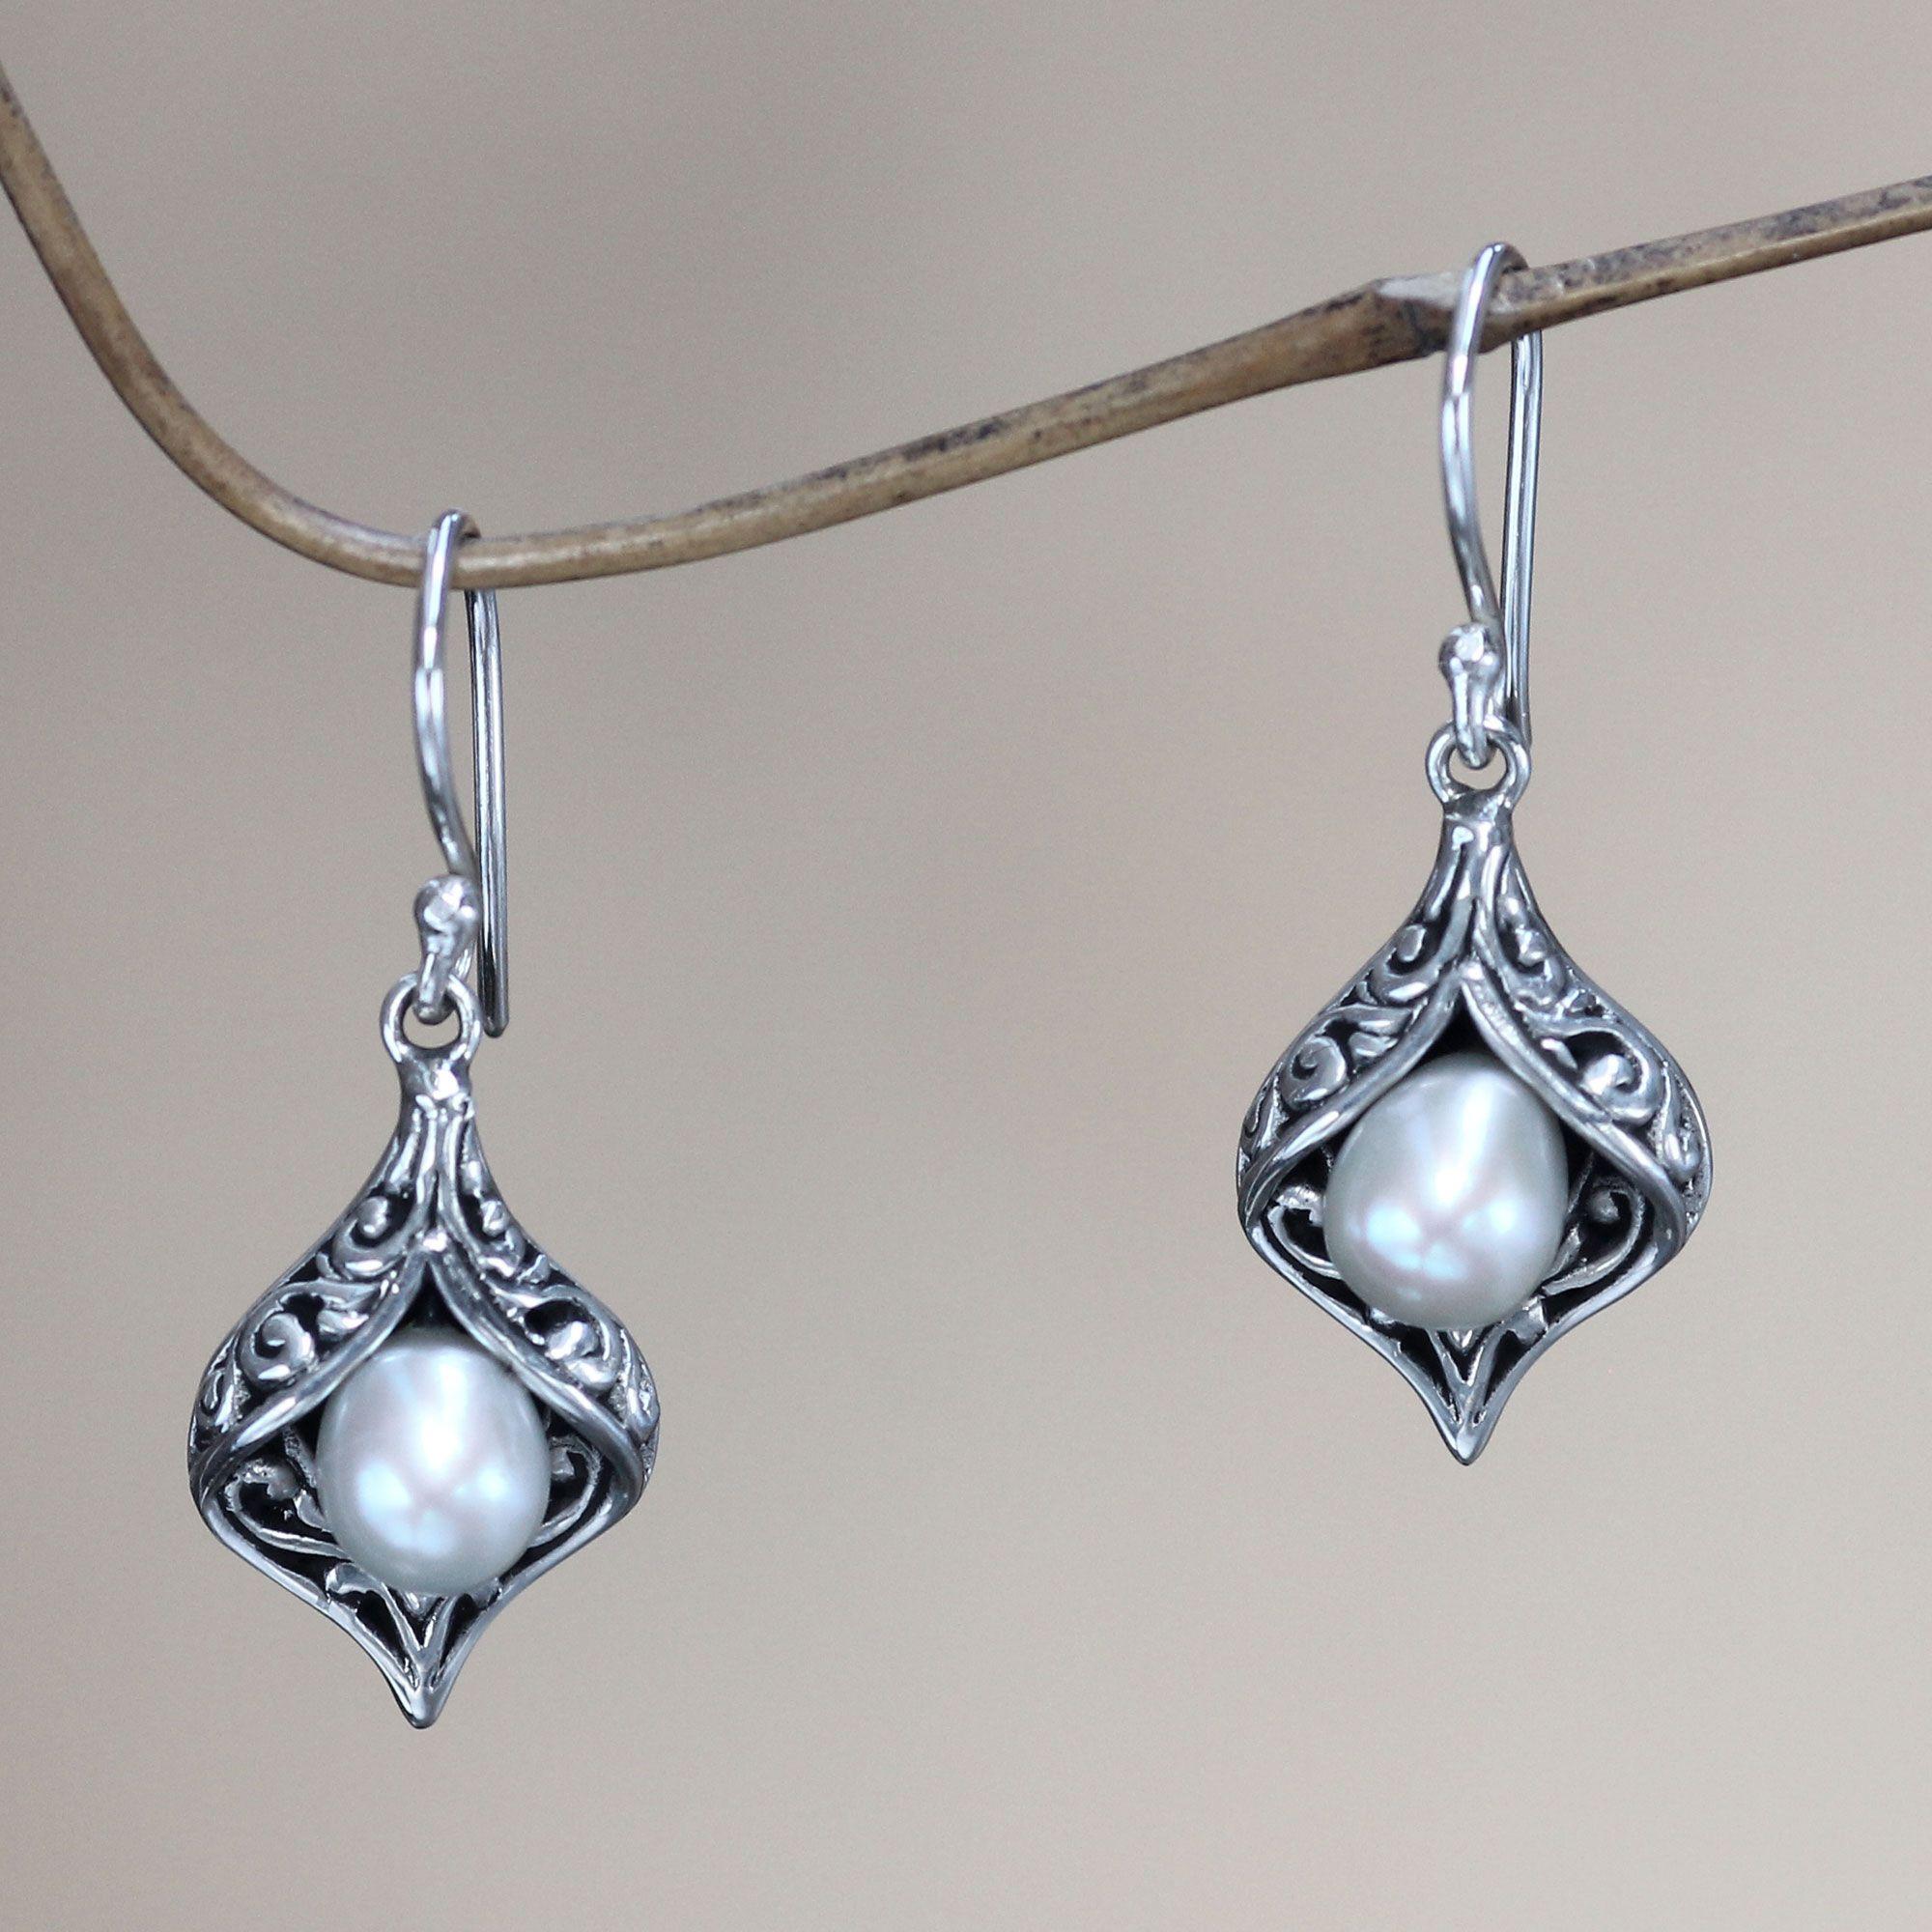 29+ Pearl drop earrings silver wedding information